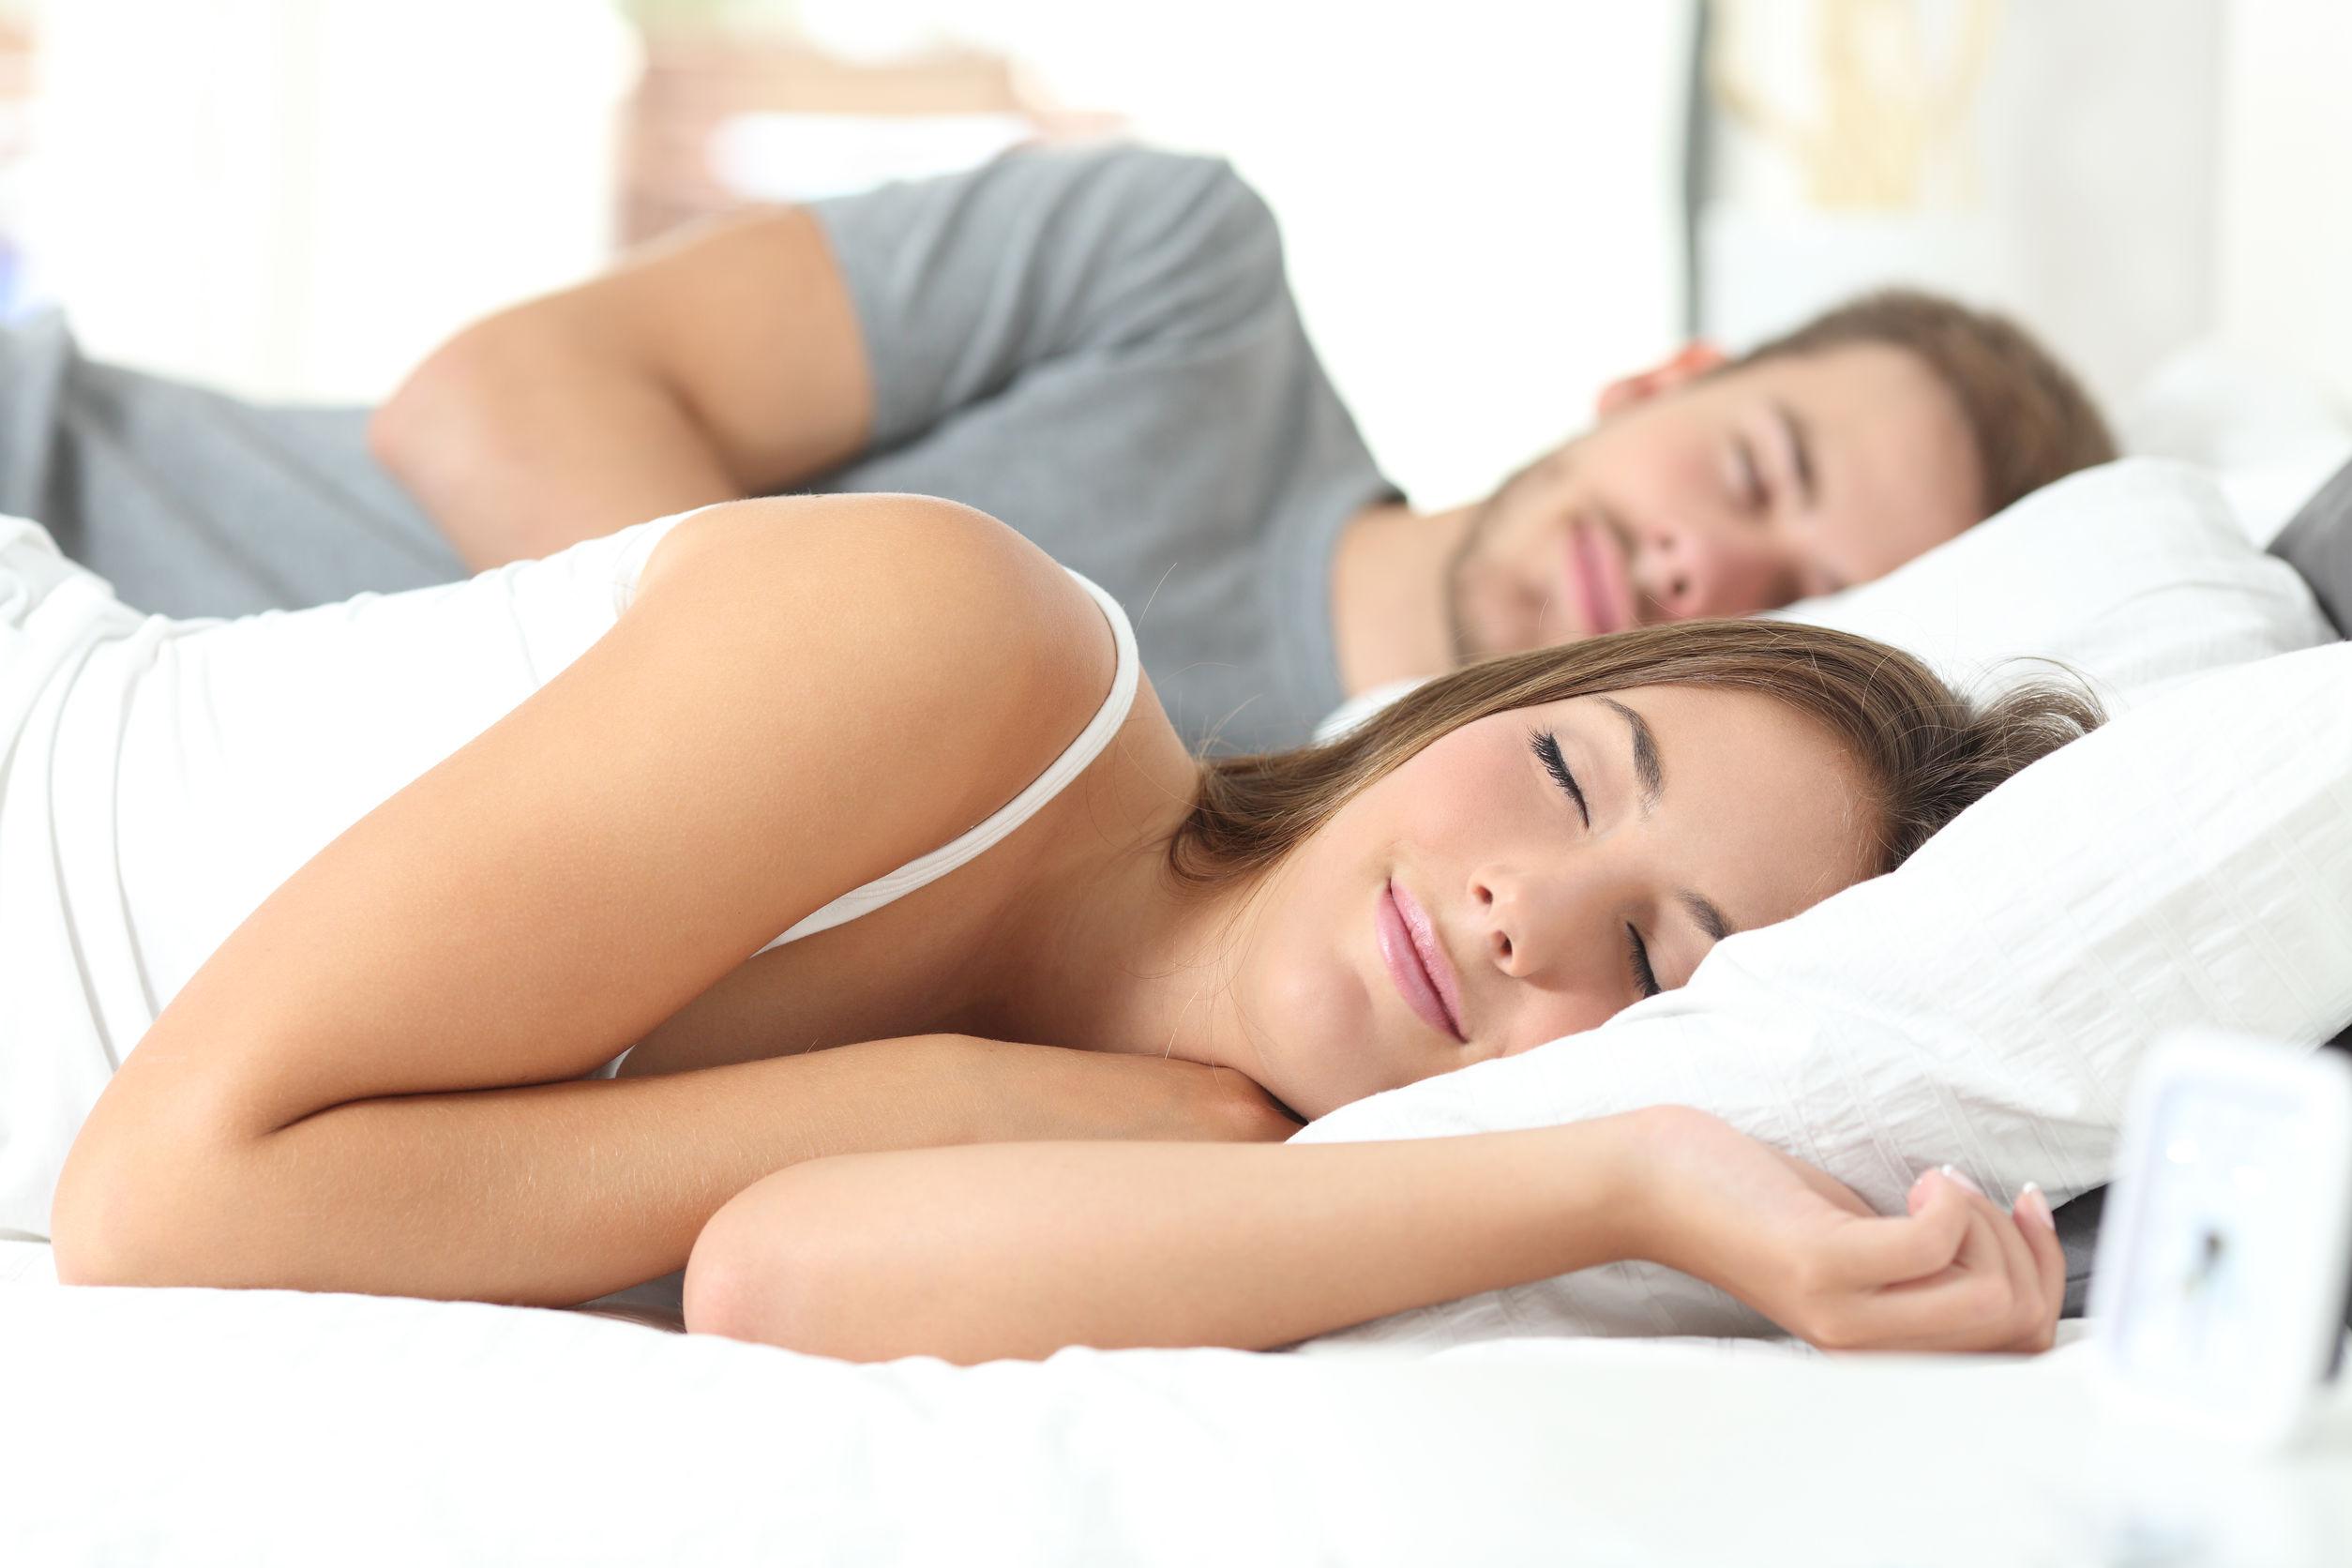 夫婦が寝室で気持ちよく寝ている